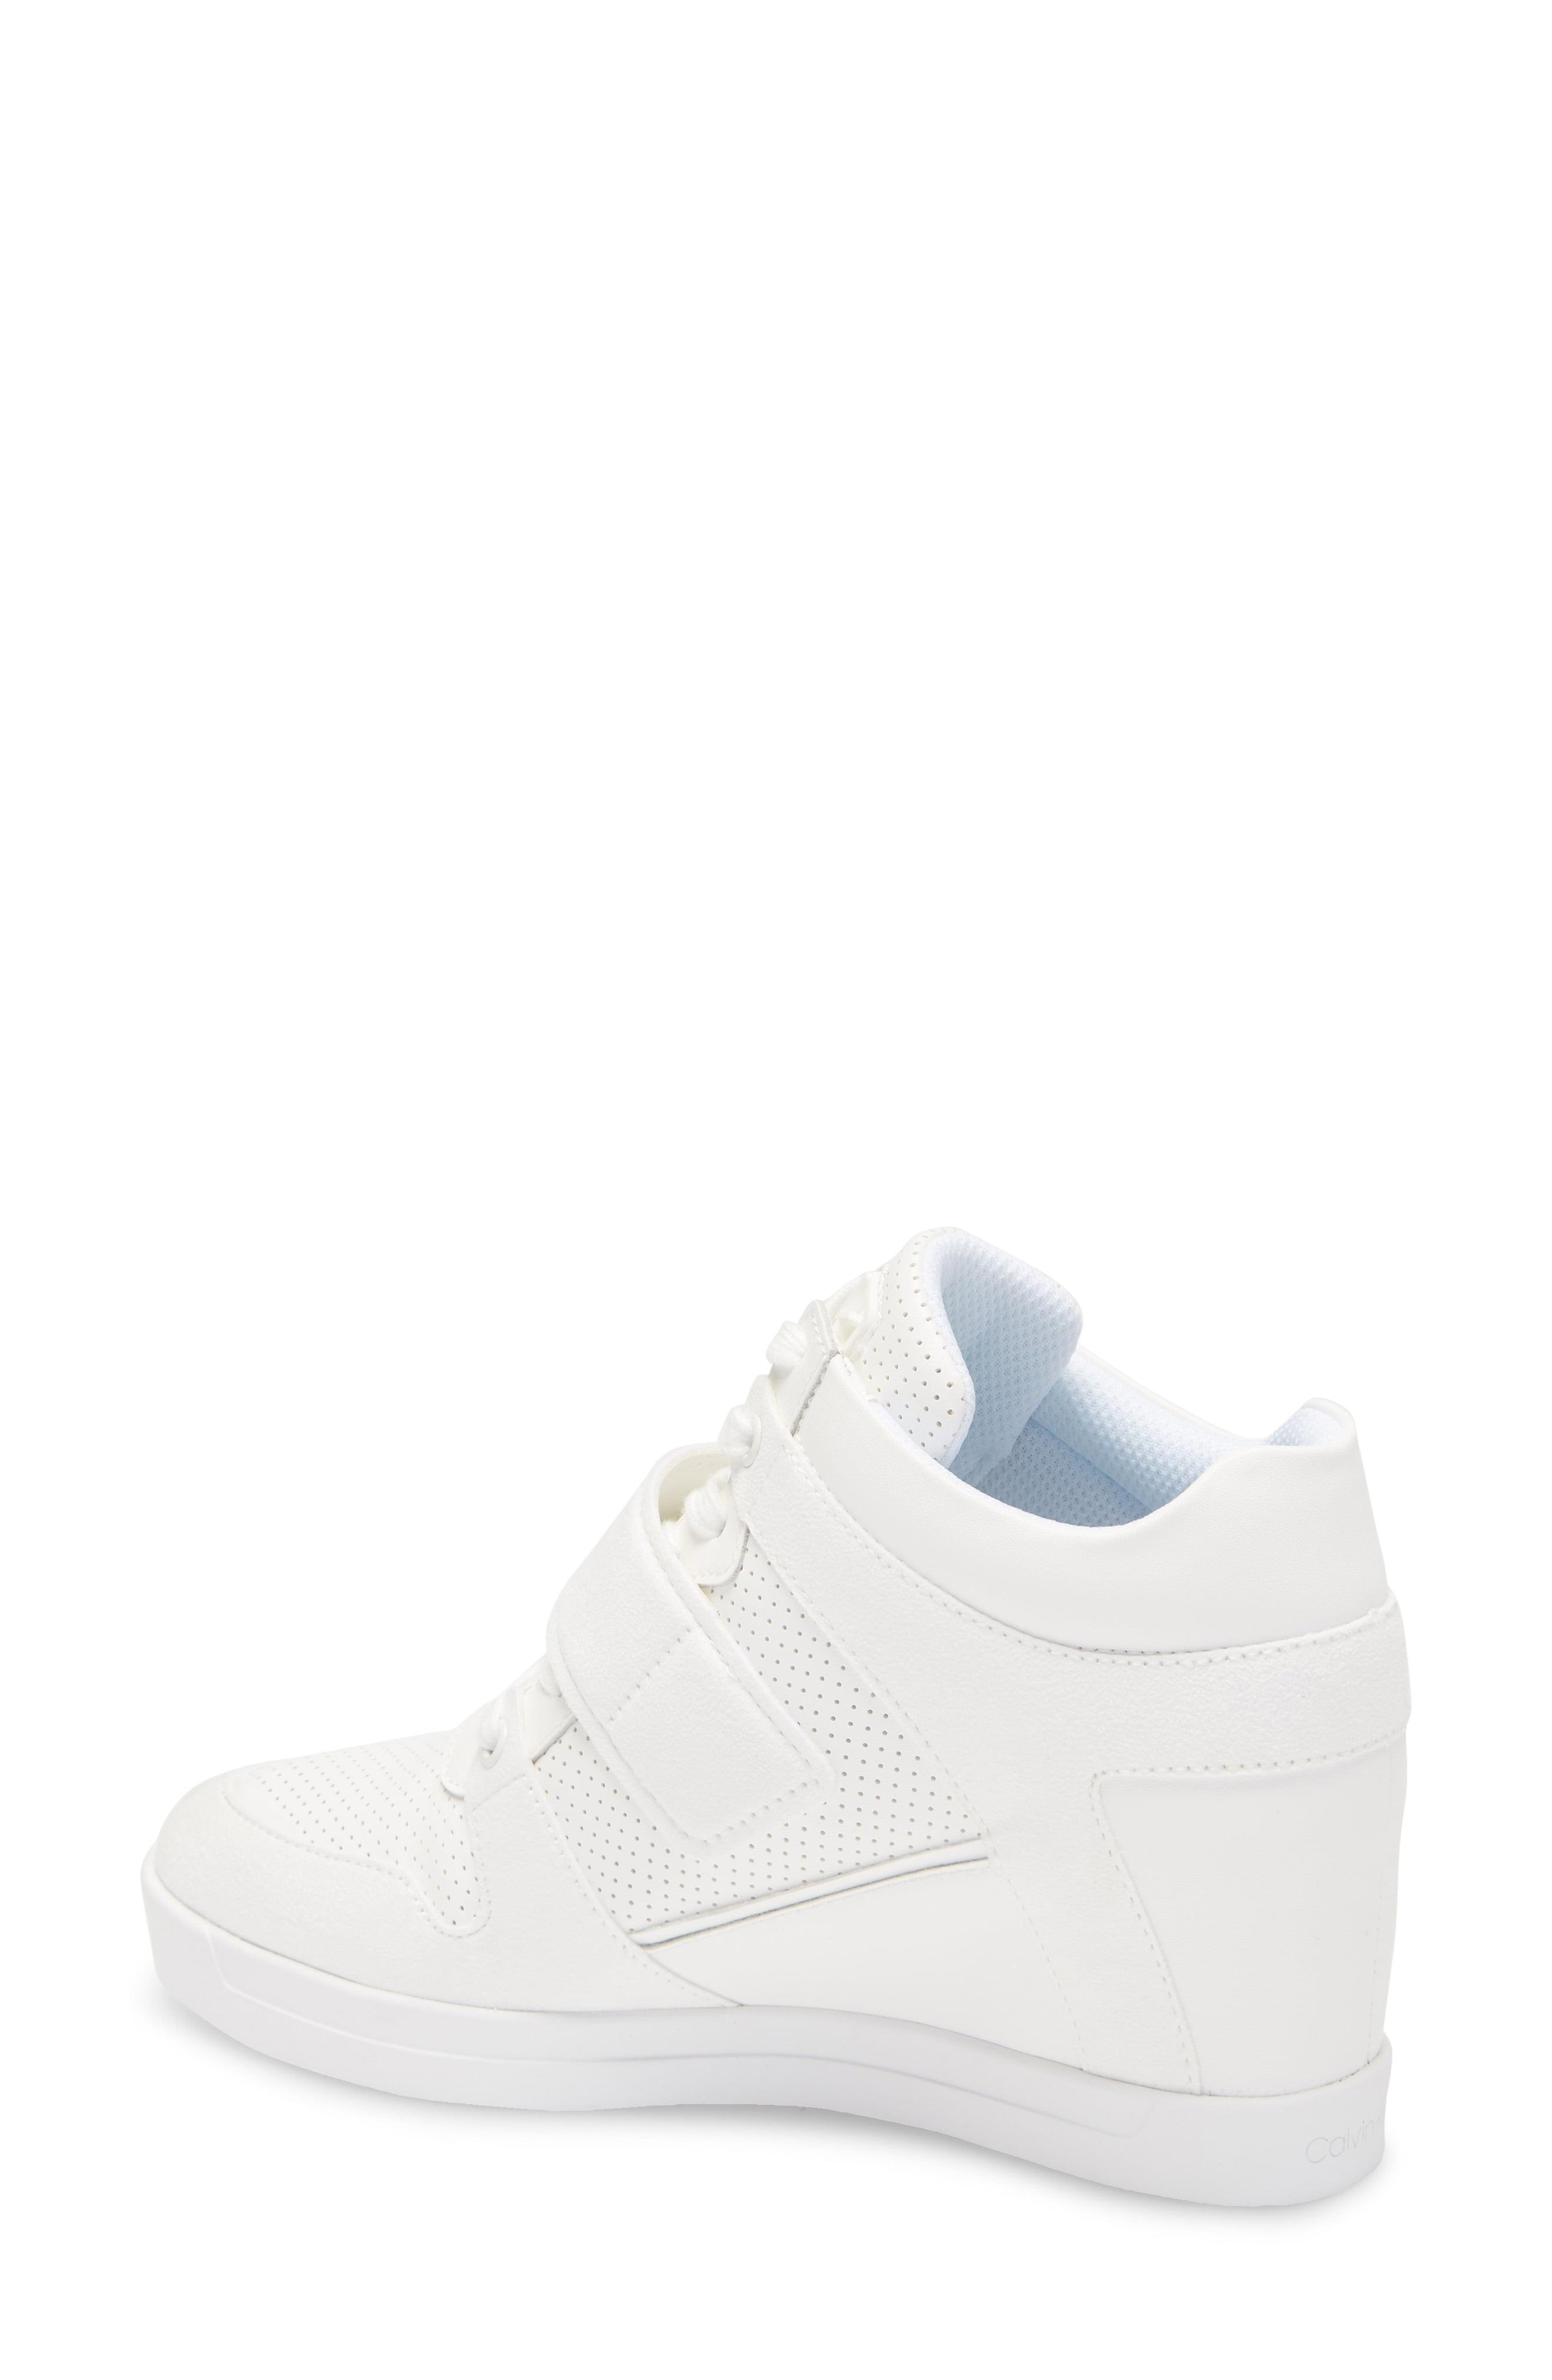 Calvin Klein Frances Wedge Sneaker in